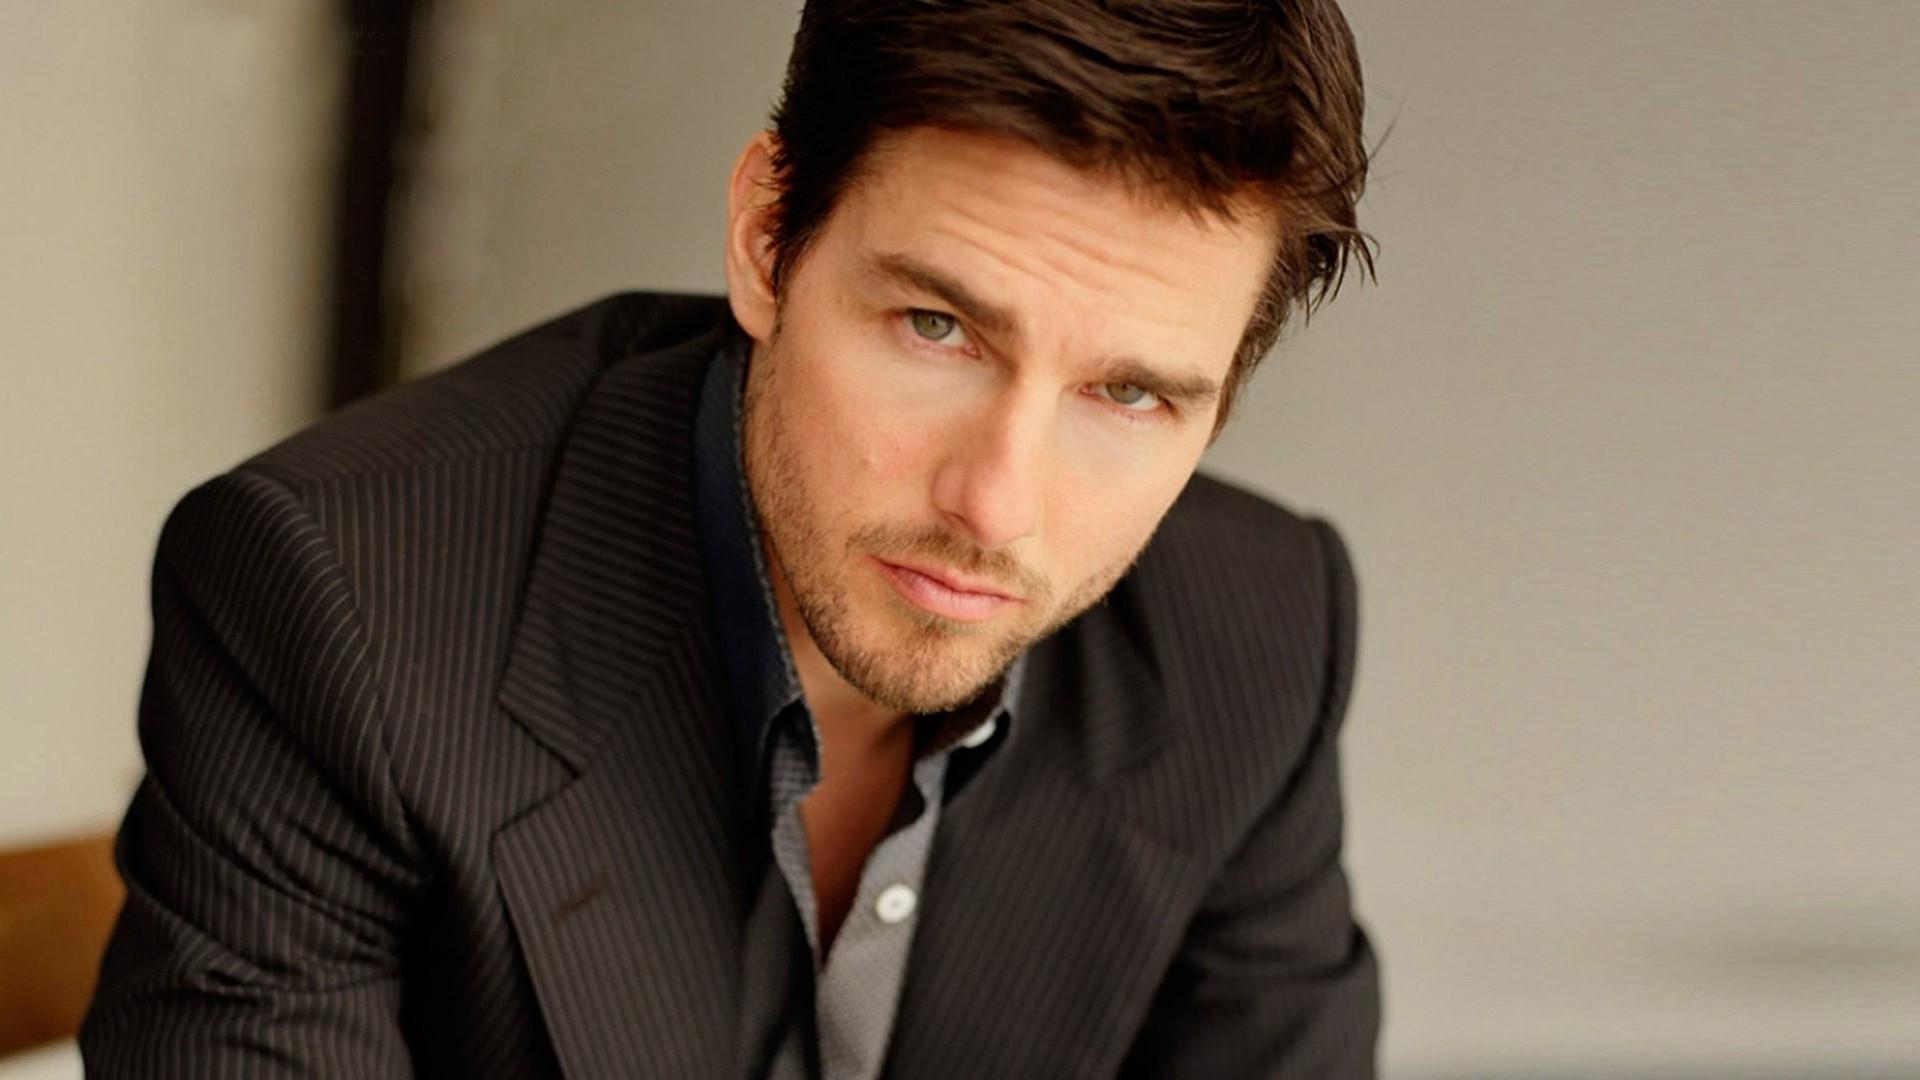 Tom Cruise 2013 6987737 1920x1080